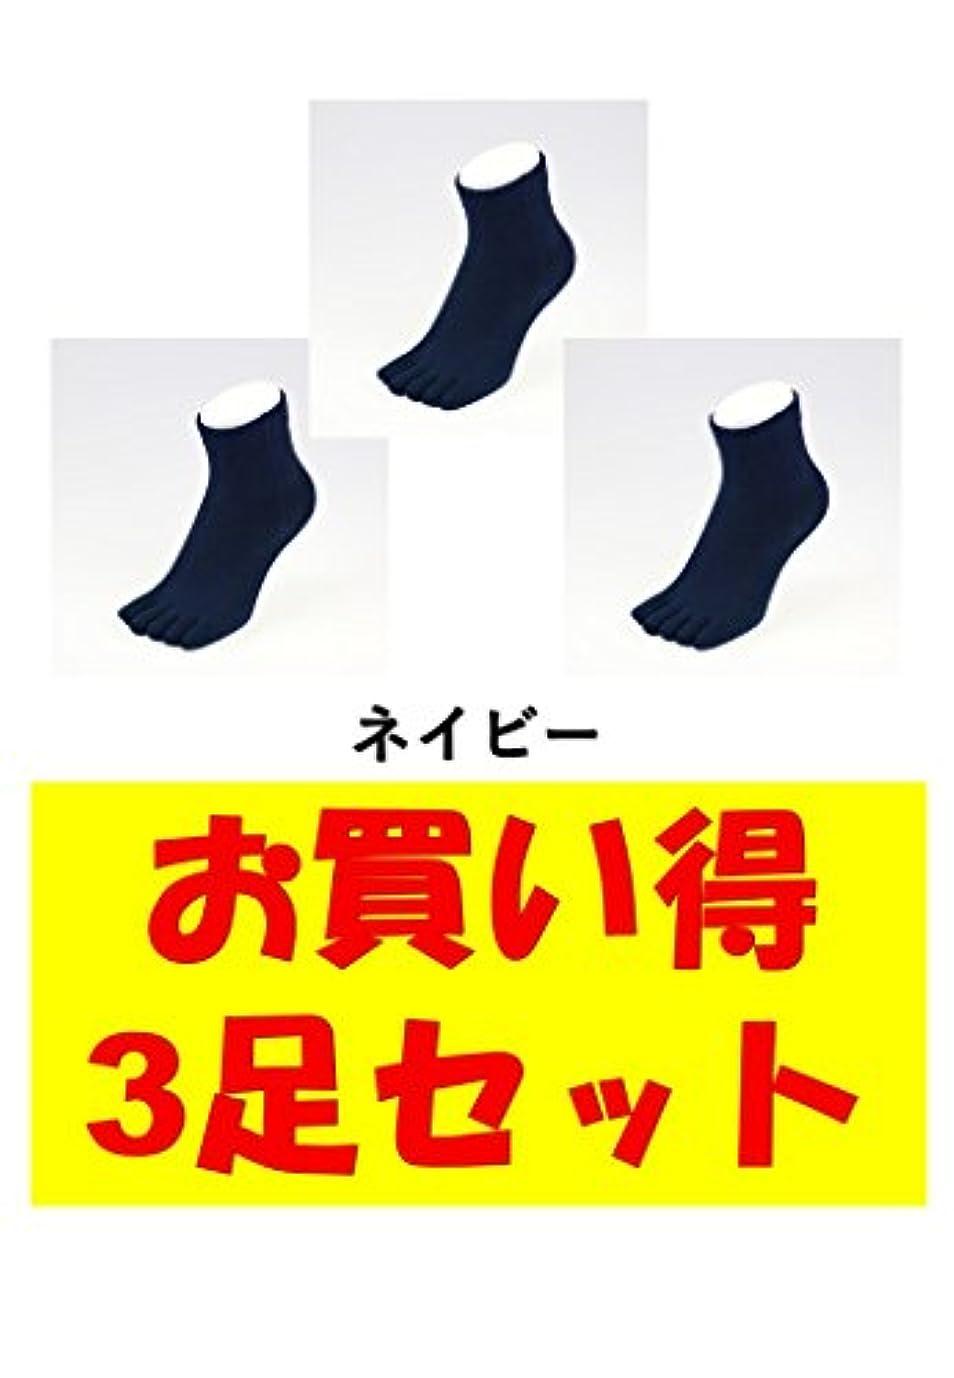 クレアギャップしゃがむお買い得3足セット 5本指 ゆびのばソックス Neo EVE(イヴ) ネイビー iサイズ(23.5cm - 25.5cm) YSNEVE-NVY